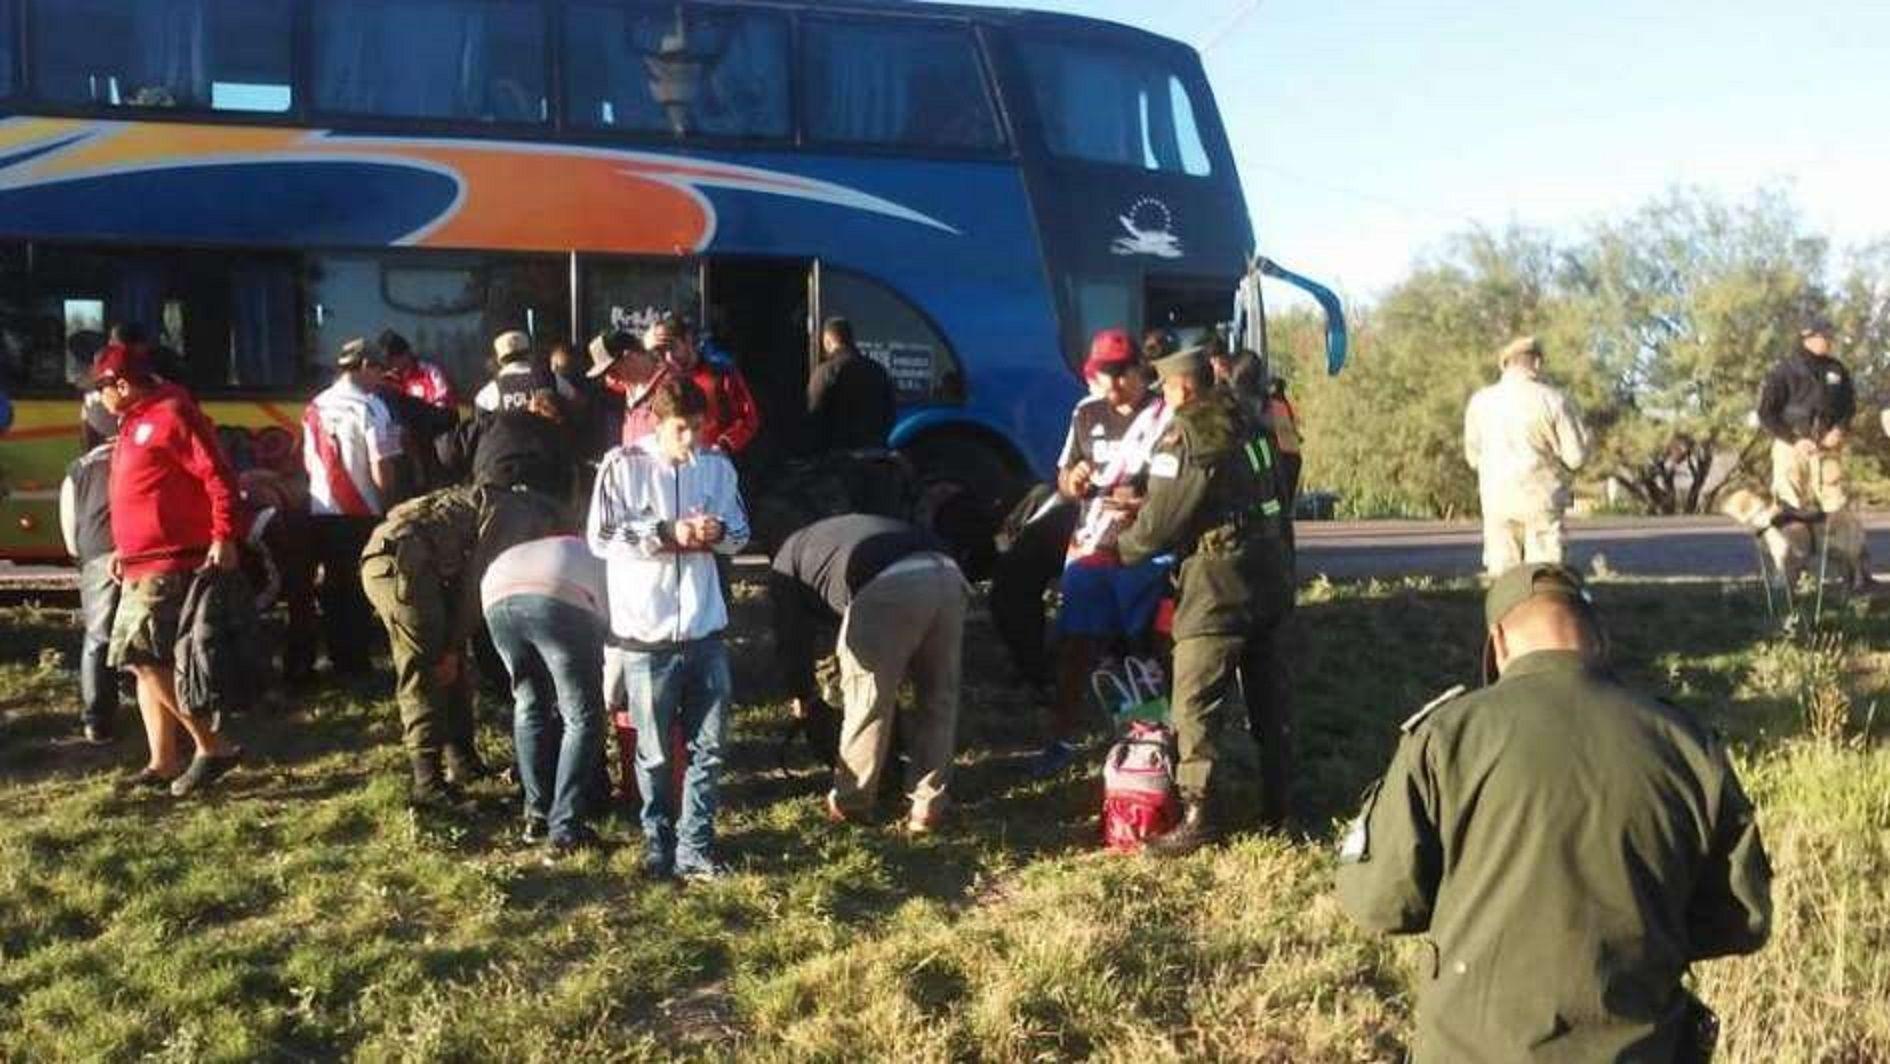 Supercopa Argentina: les secuestraron drogas, armas blancas y un hacha a hinchas de River